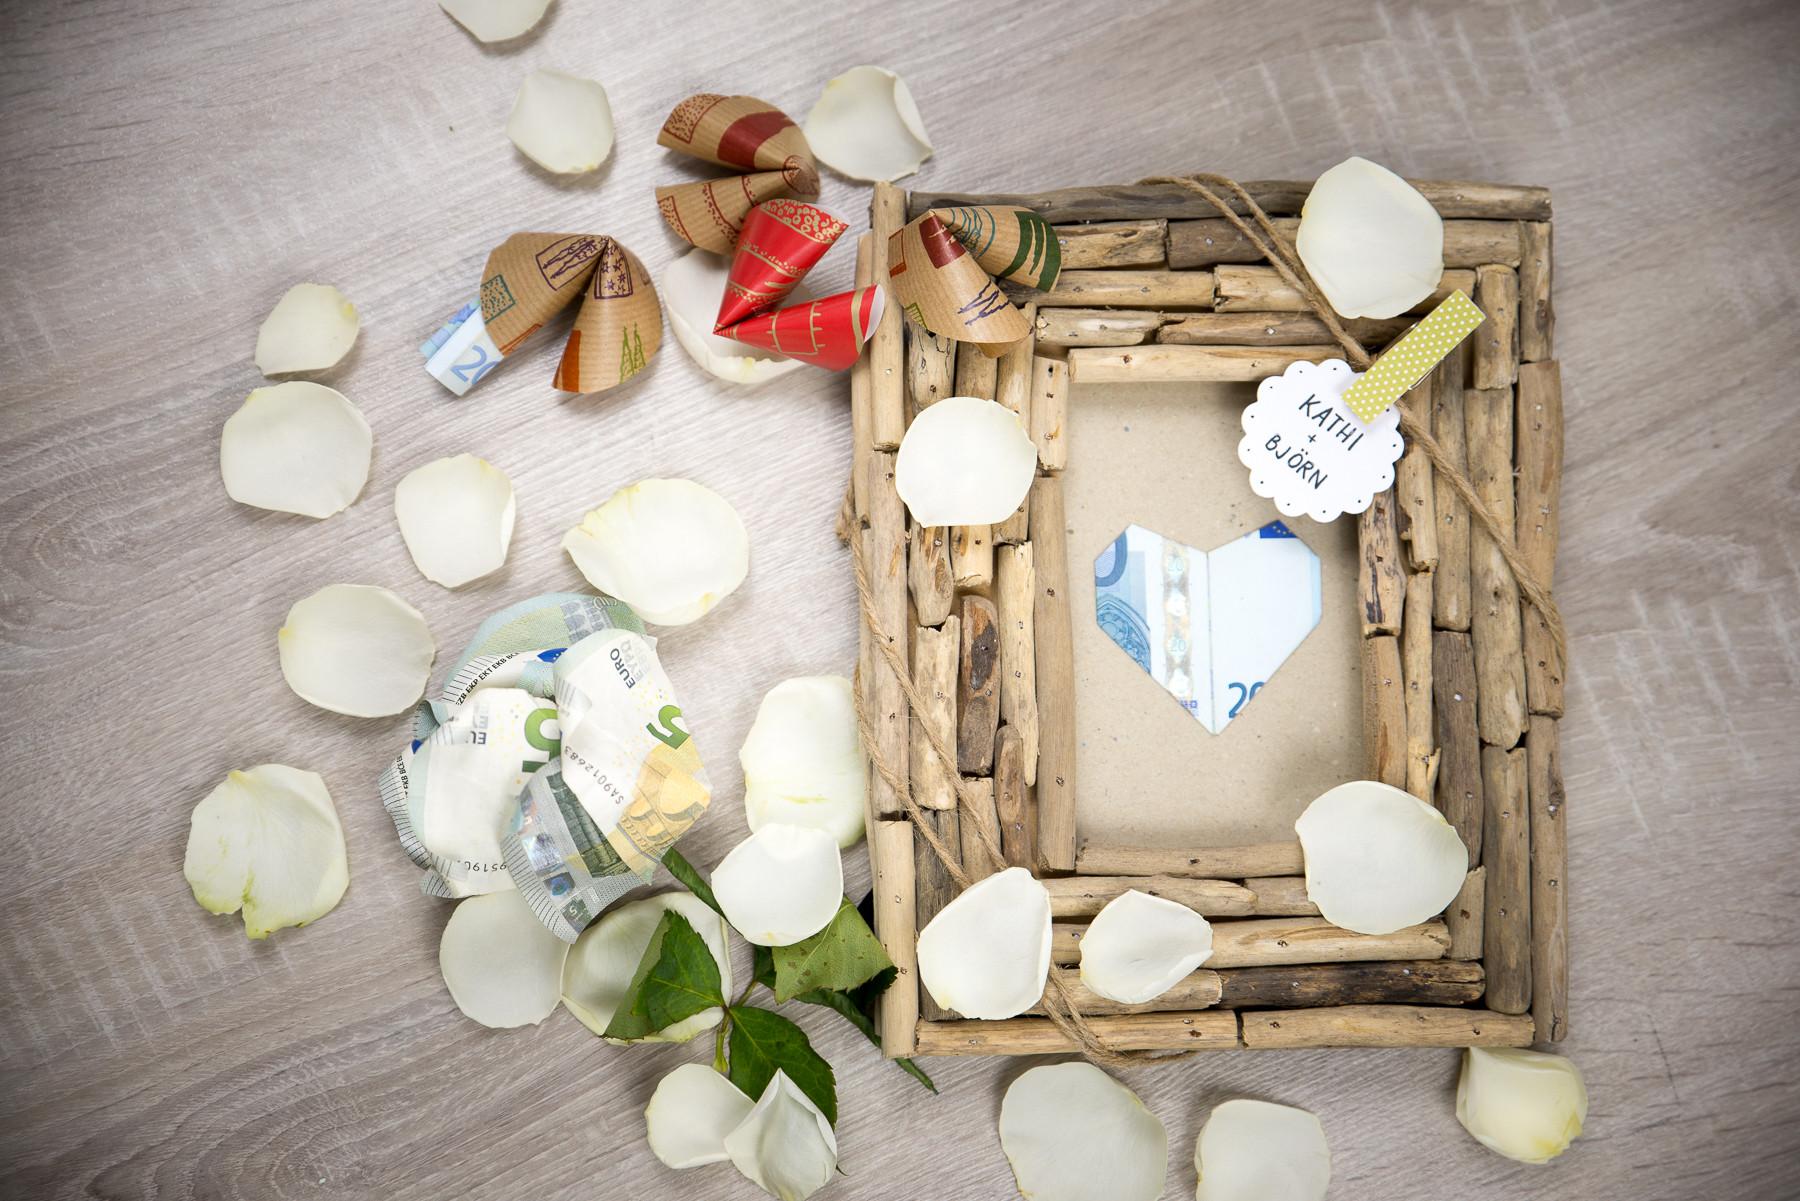 Geld Zur Hochzeit Verpacken  Geldgeschenke zur Hochzeit verpacken schön einpacken